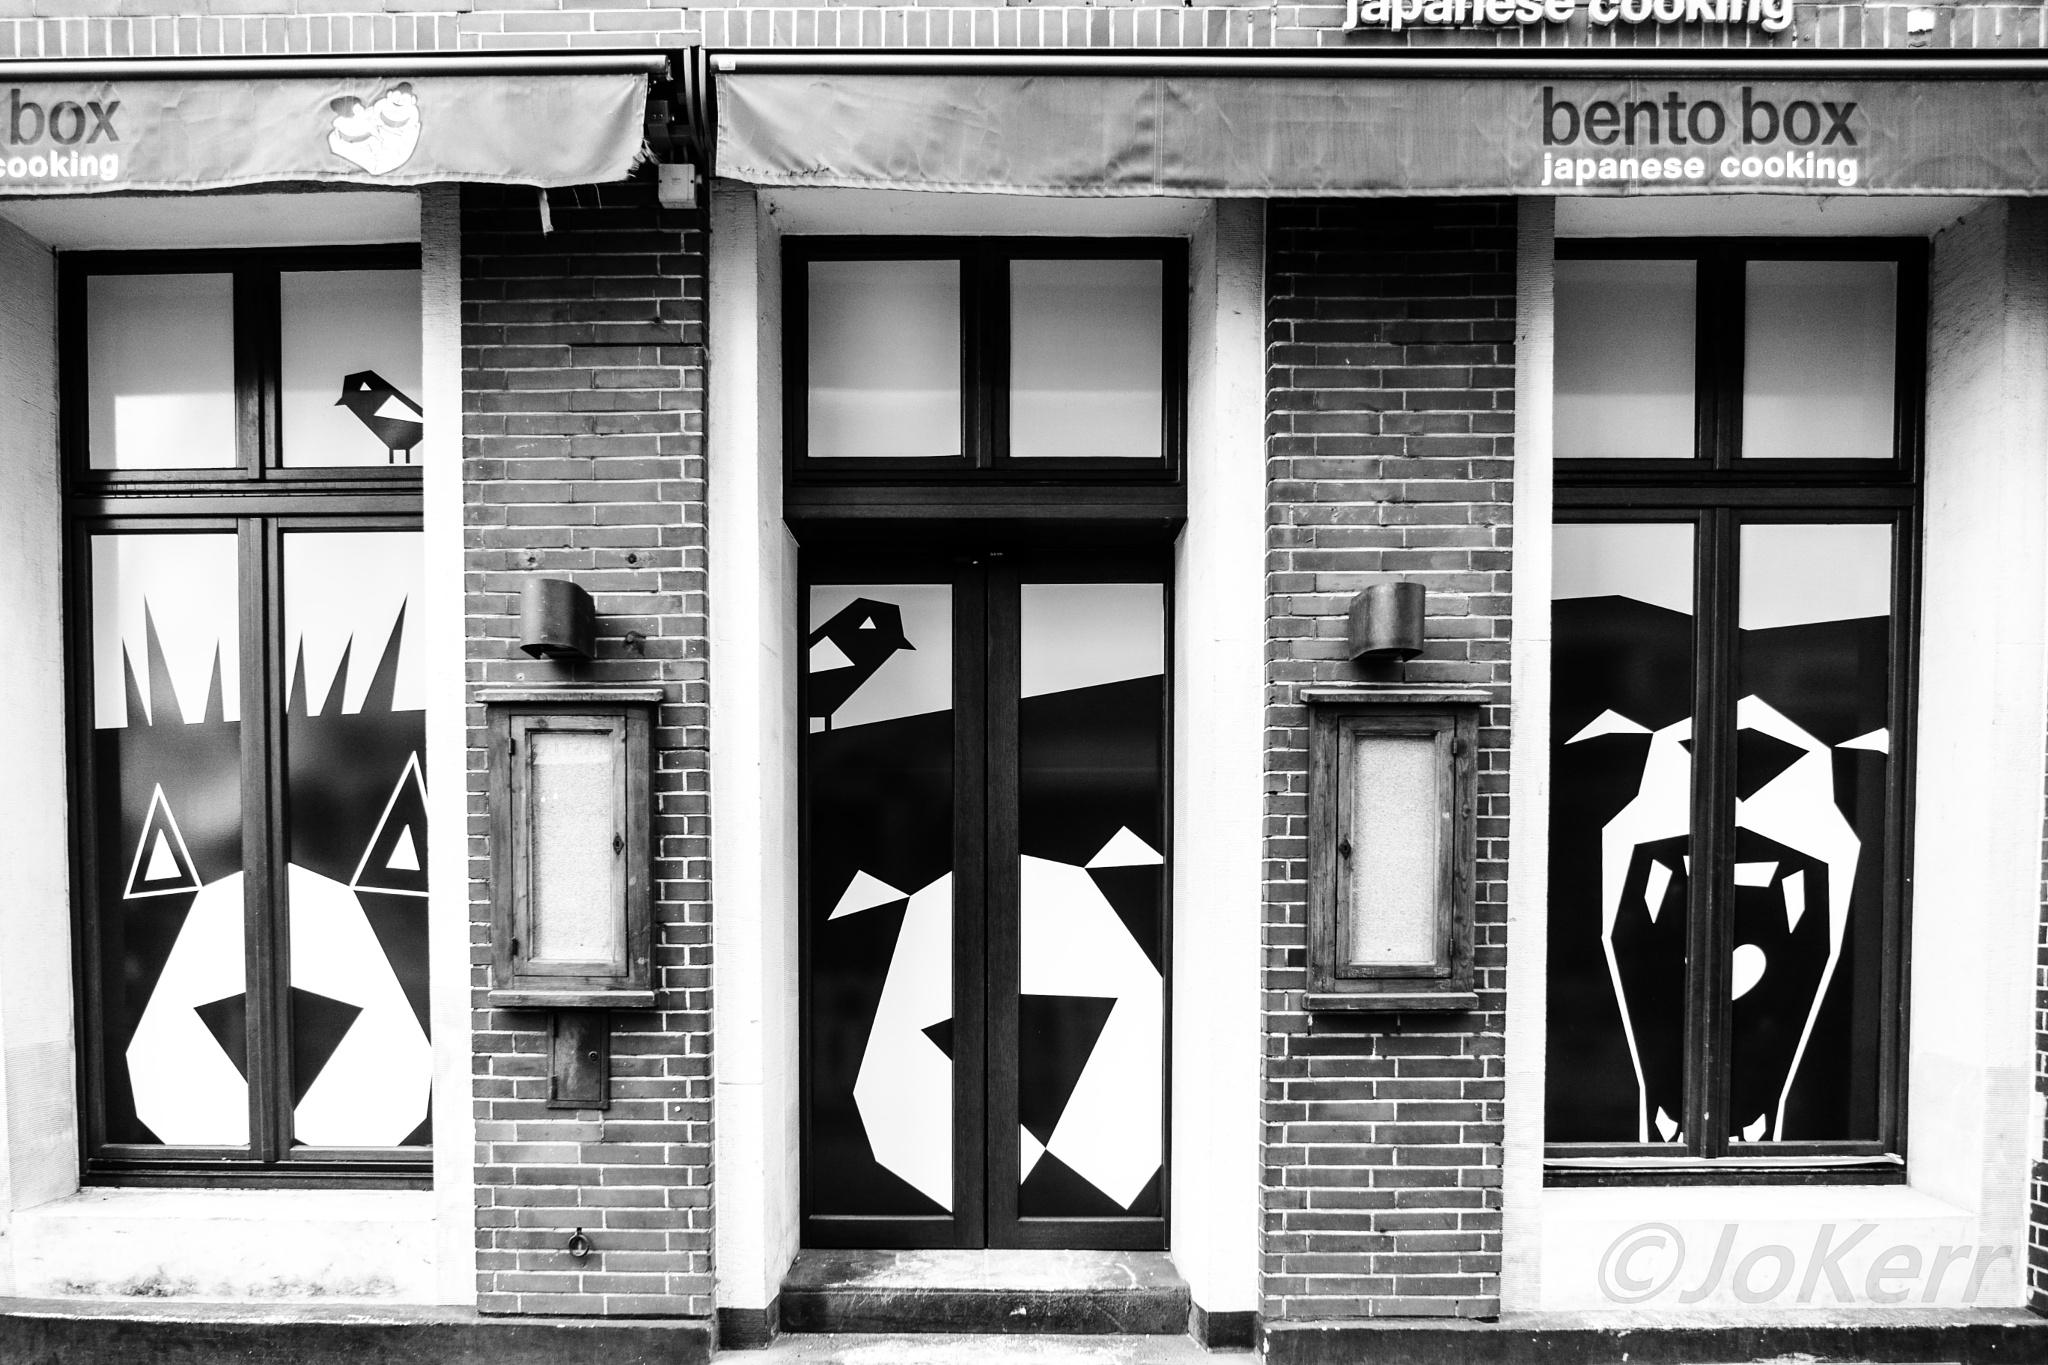 bento box by Jo Kerr